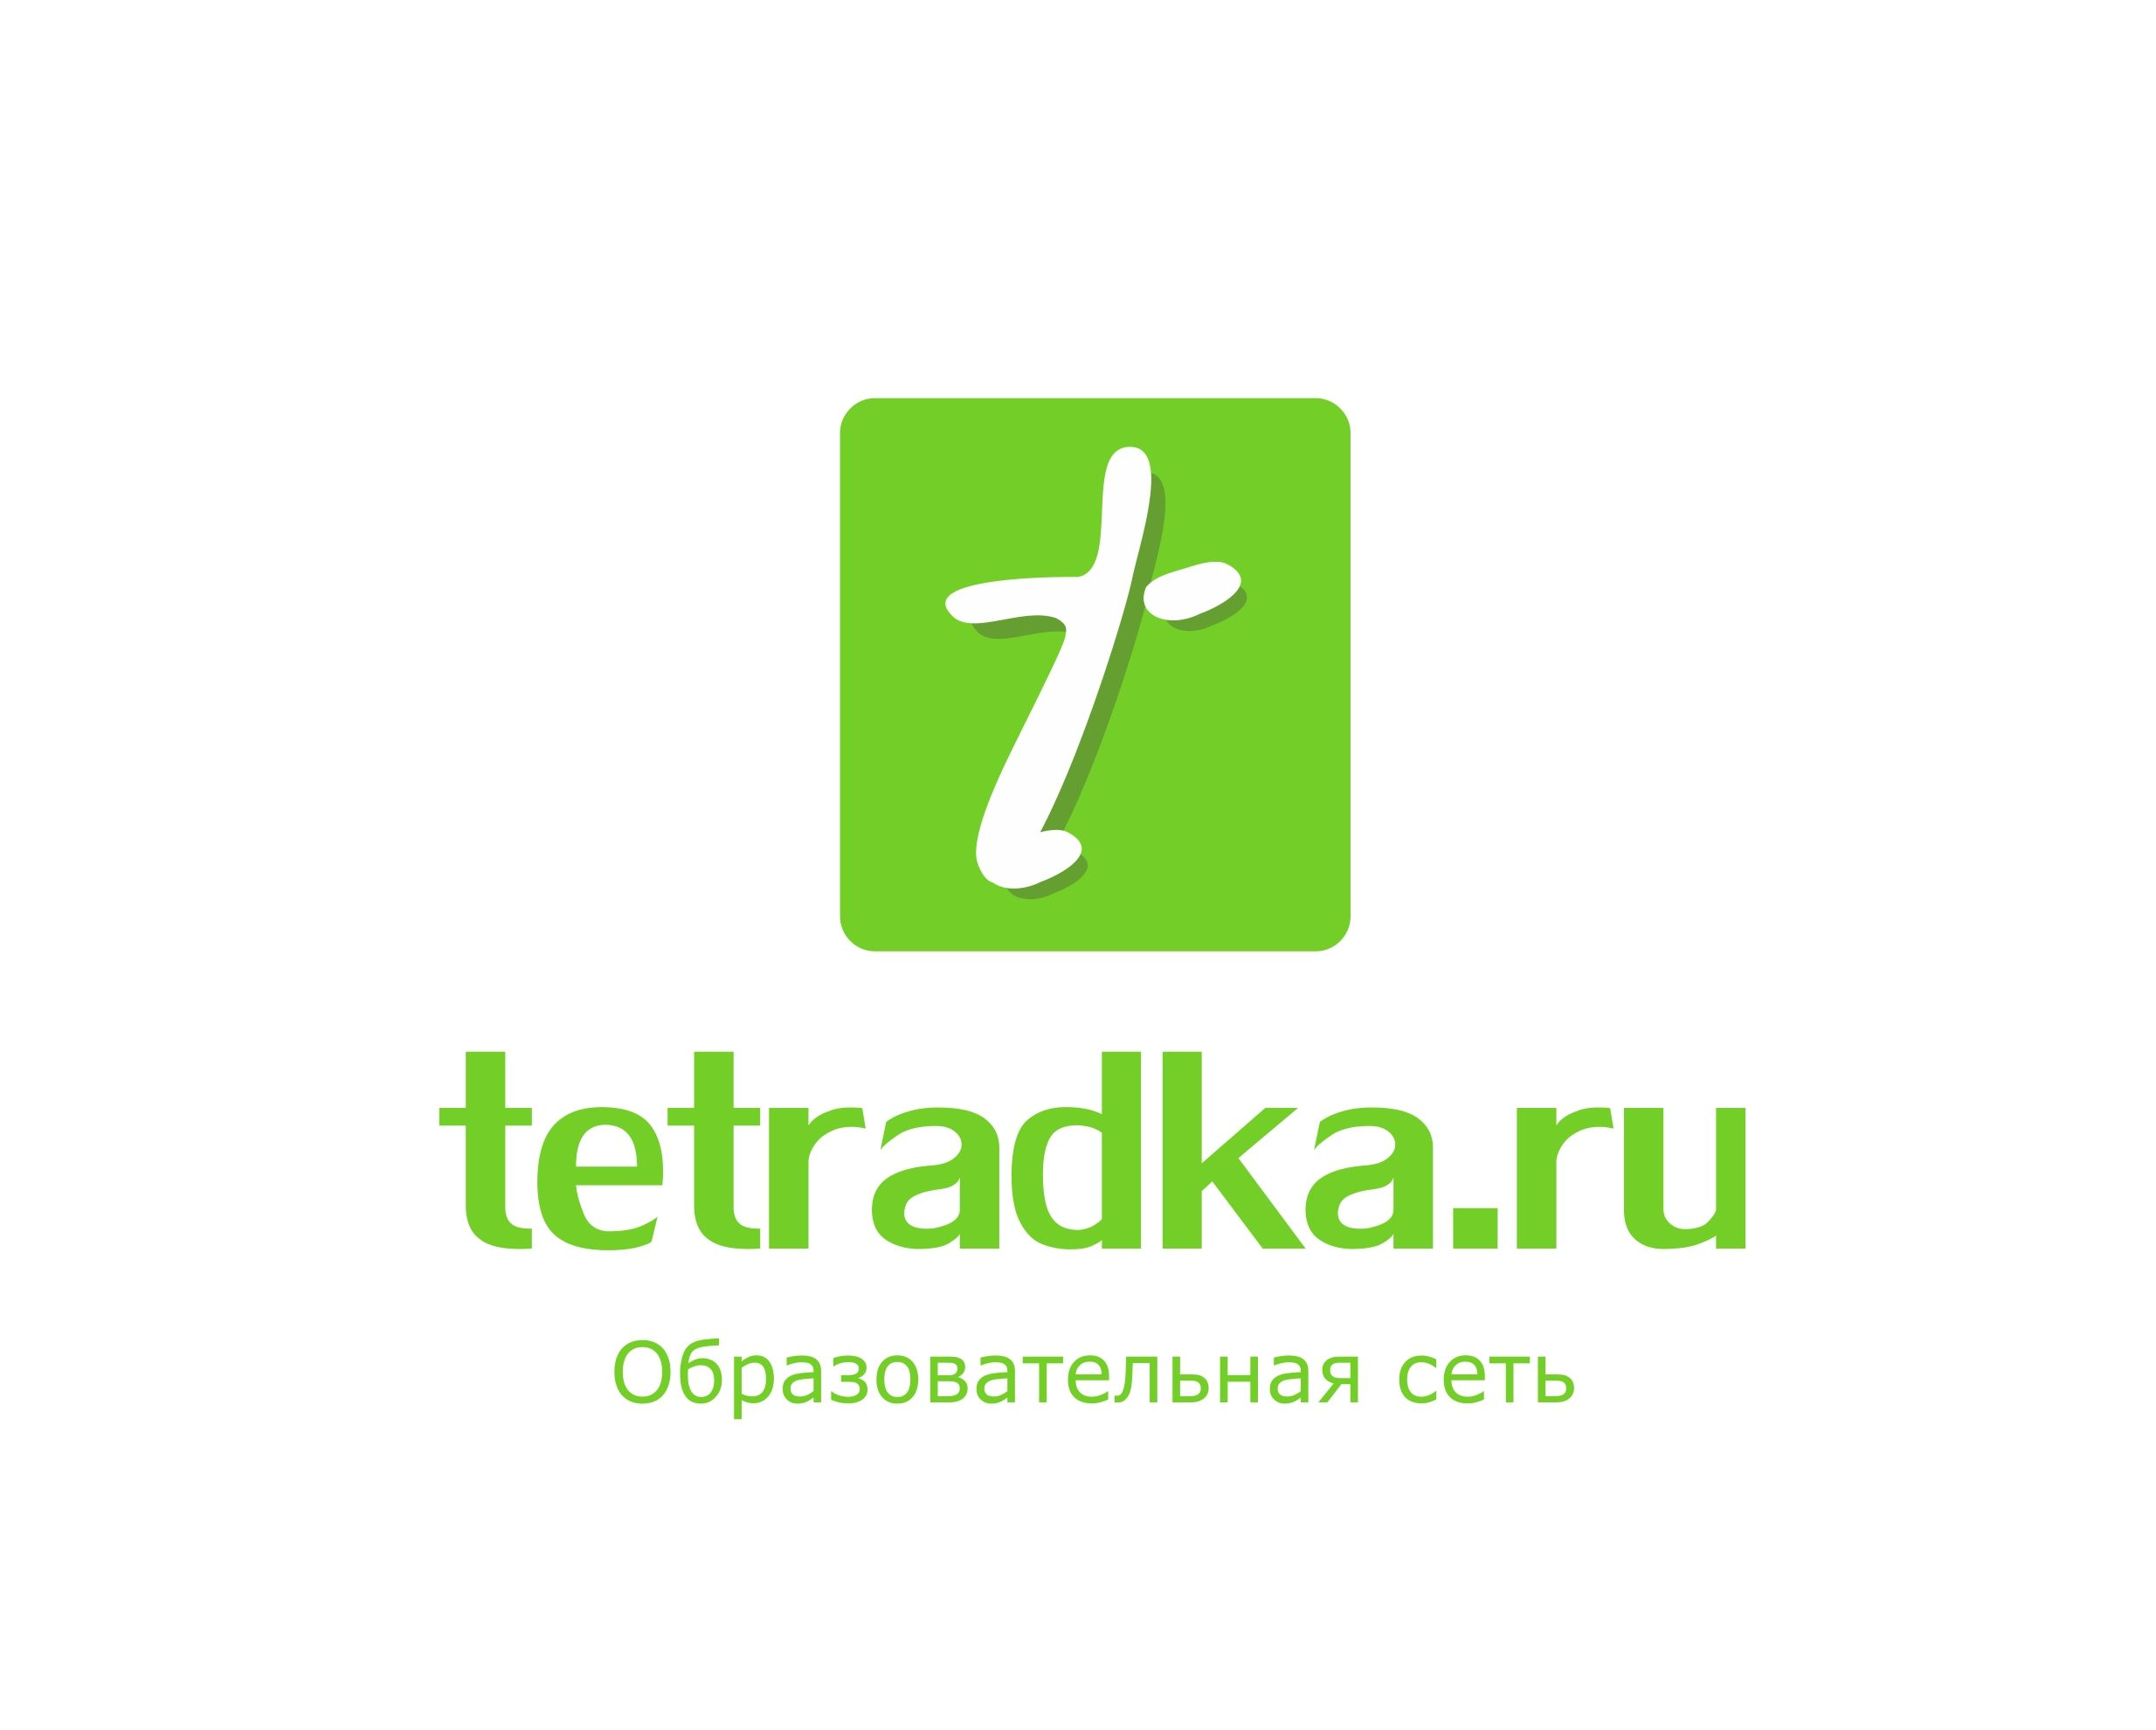 Логотип для образовательной сети tetradka.ru - дизайнер oksana123456